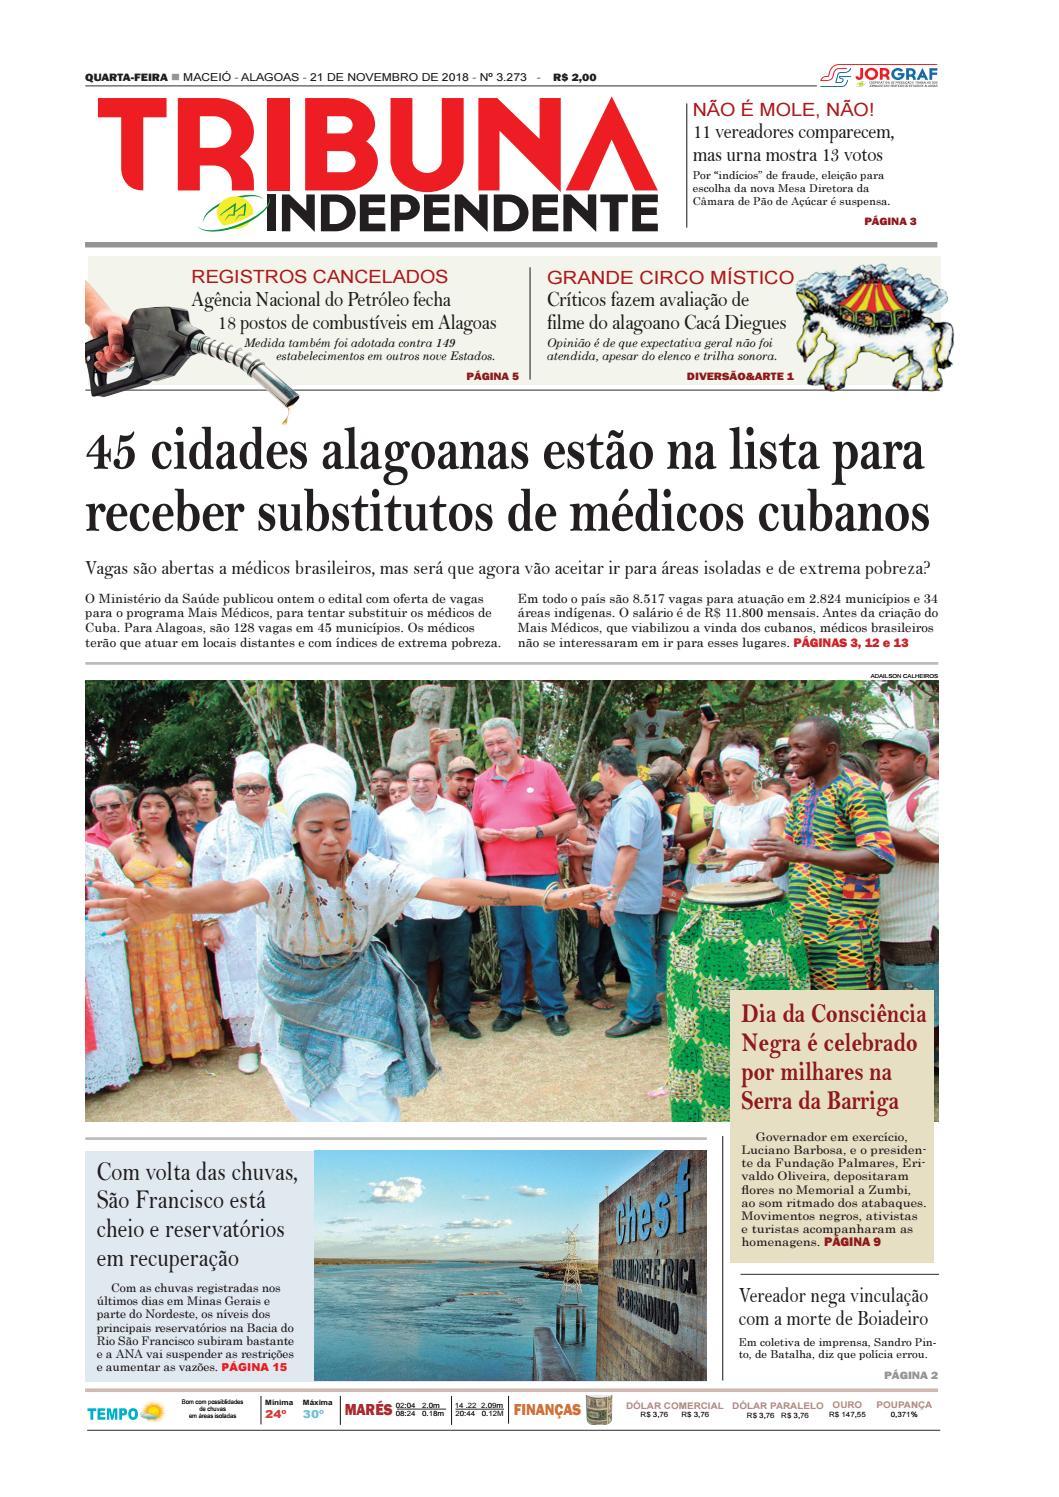 Edição número 3273 - 21 de novembro de 2018 by Tribuna Hoje - issuu 30e80aea56907